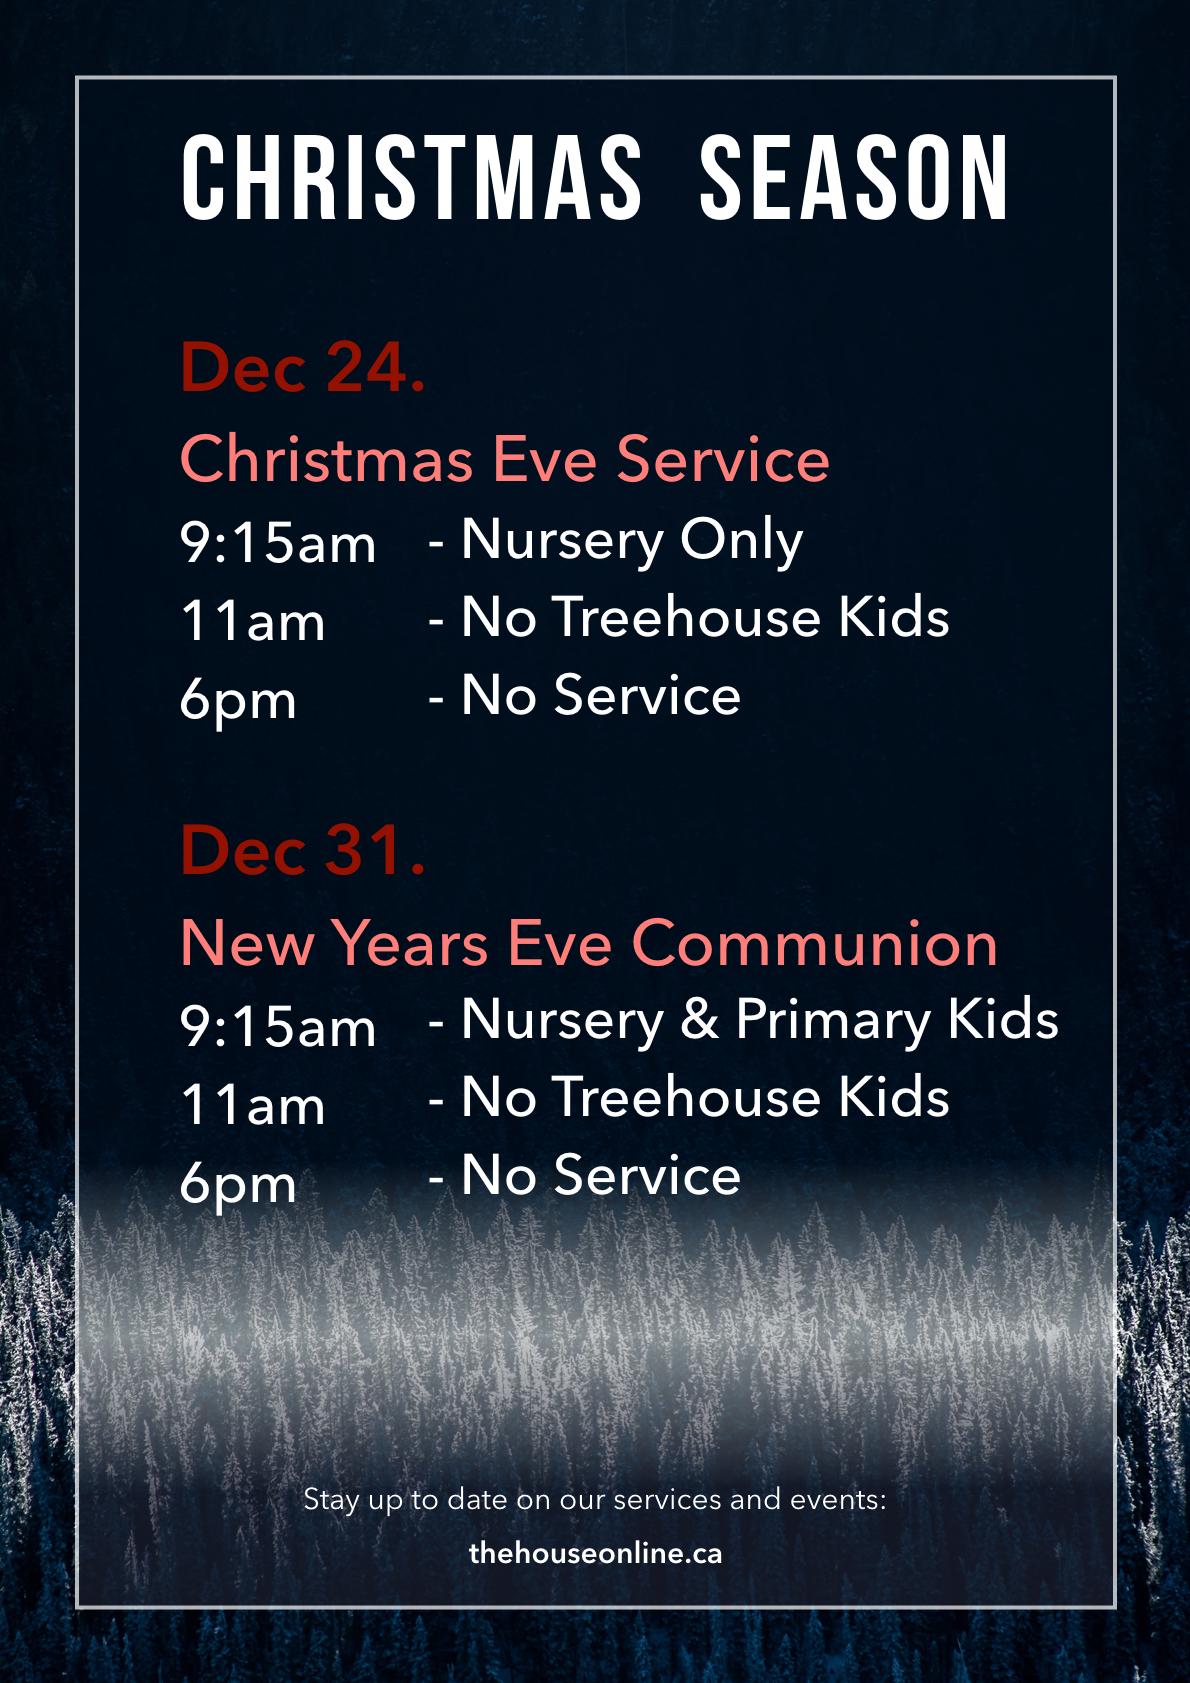 Christmas Season Poster.001.jpeg